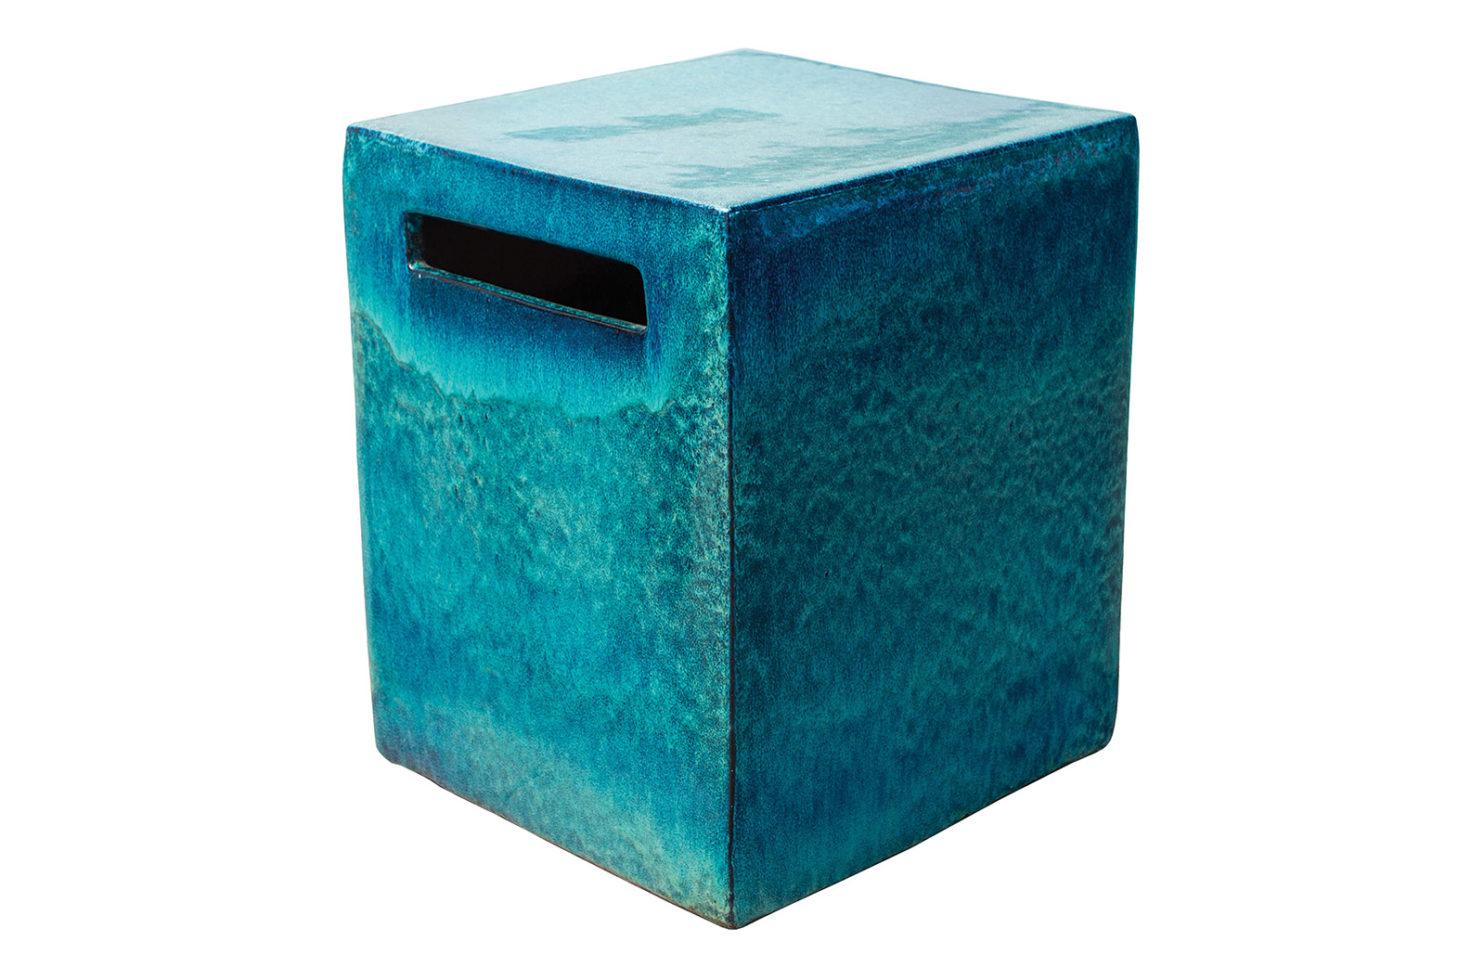 Ceramic Davenport Square Cube 308FT234P2FB 1